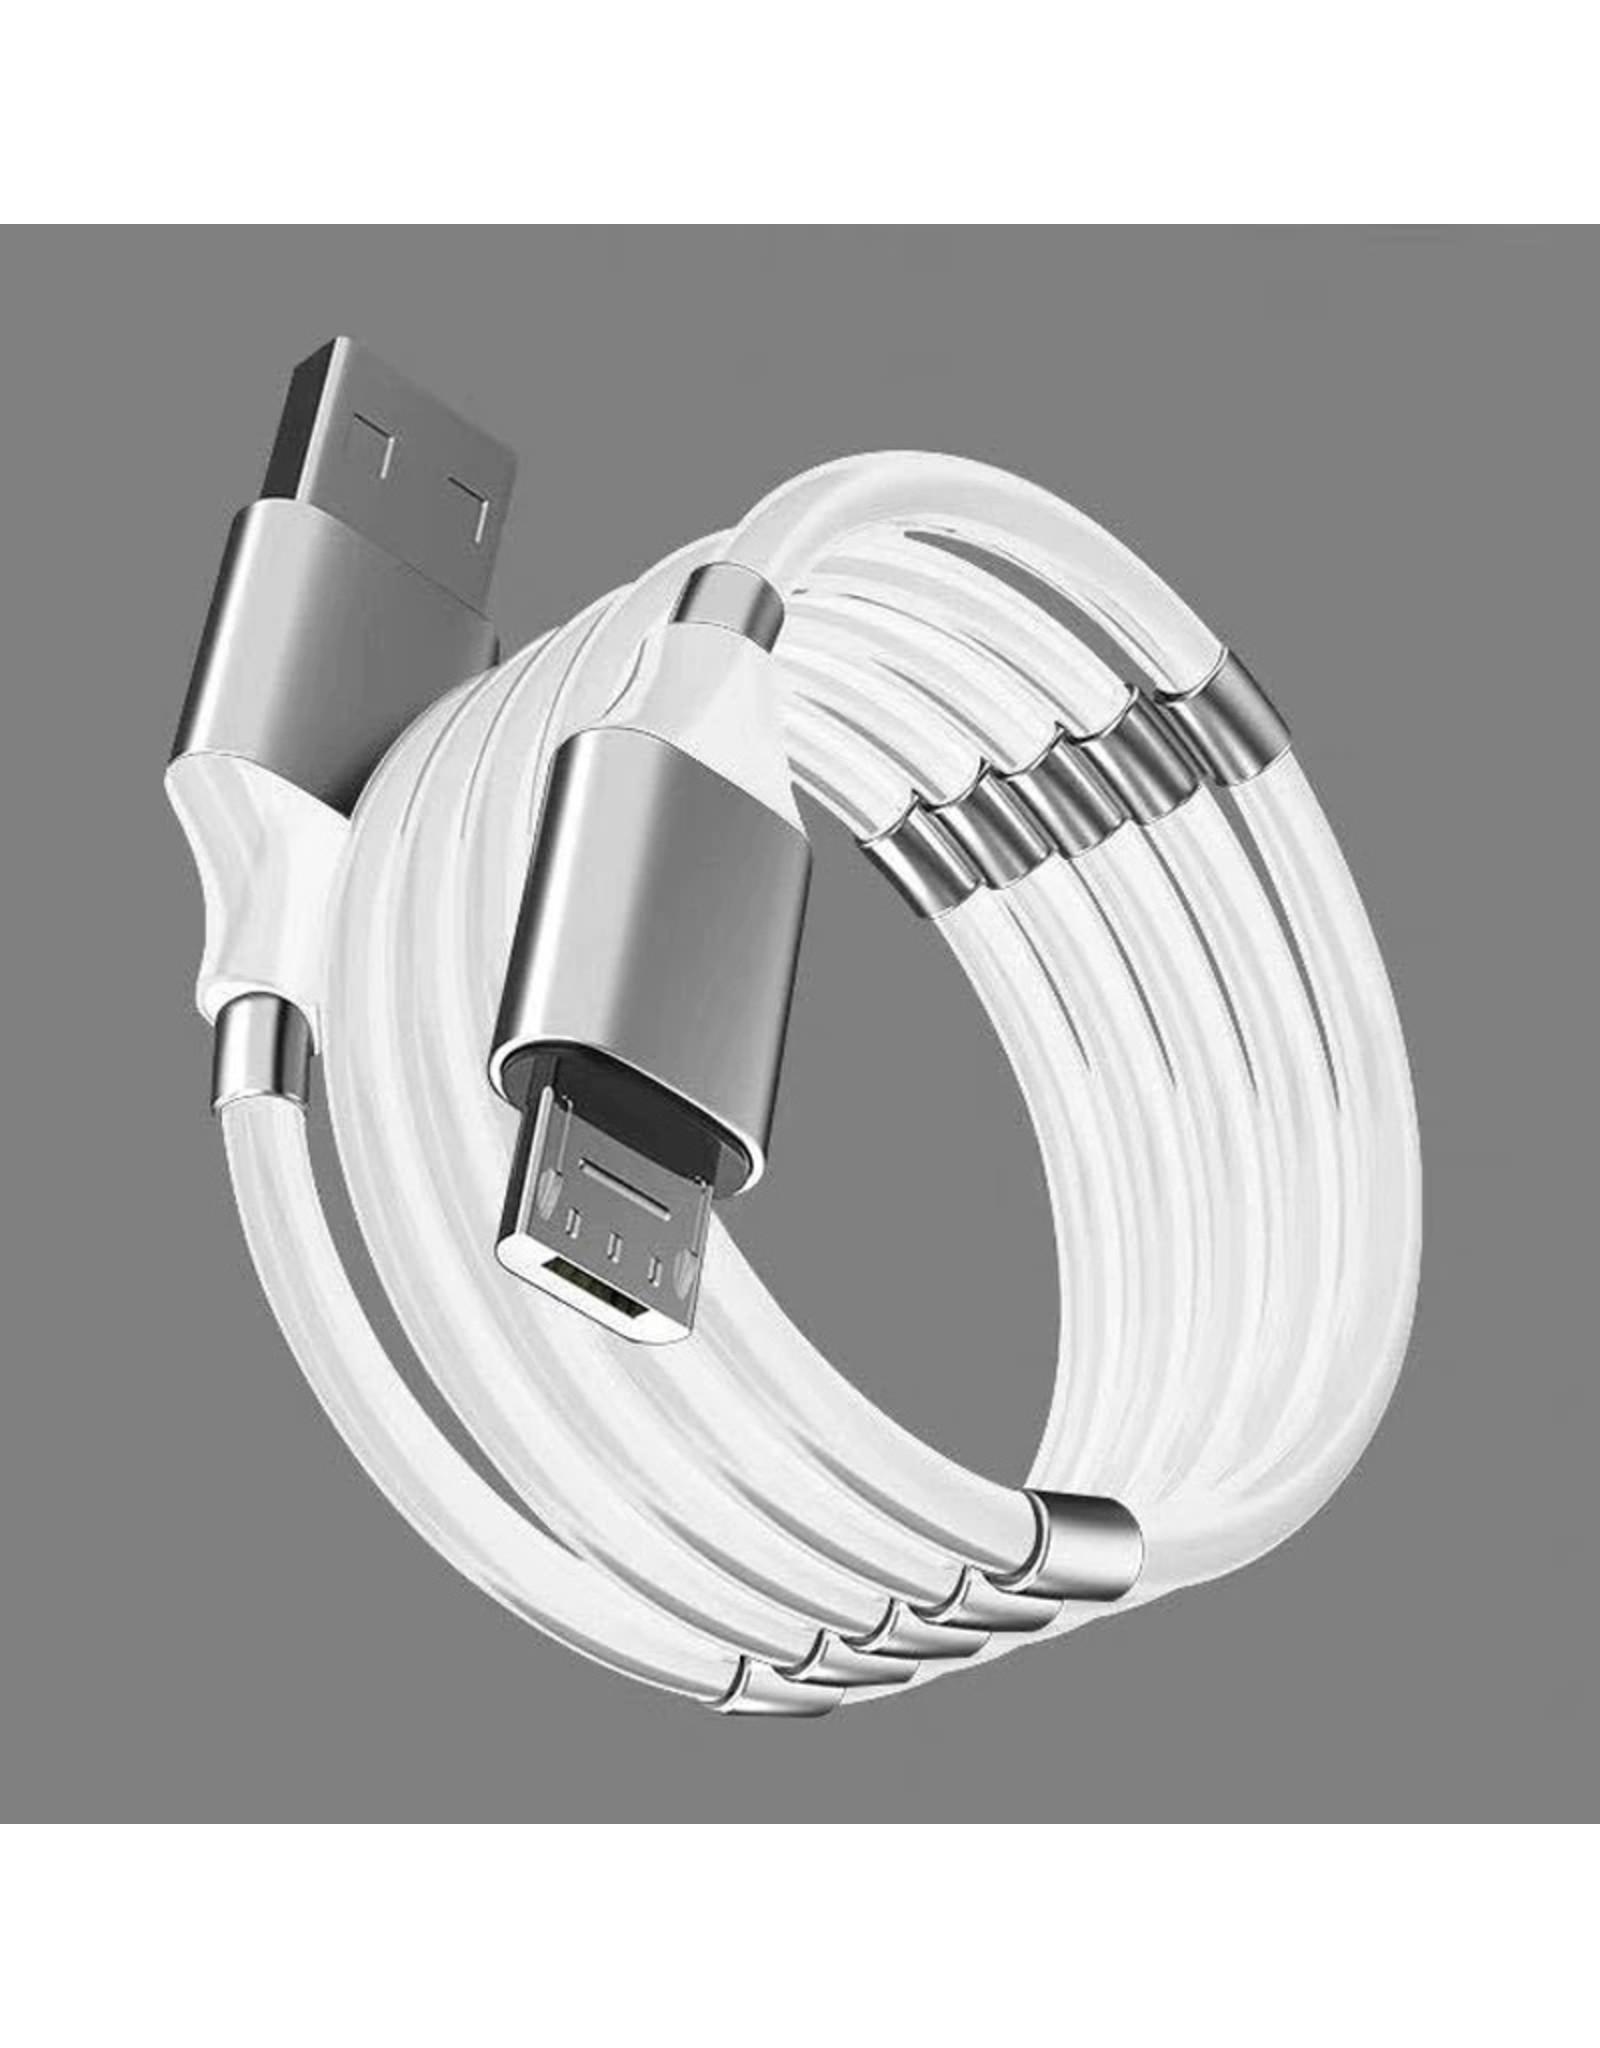 Magnetisch Touw Snel Opladen Data Sync Kabel 4A Usb-kabel  Keuze uit: Micro Type C Oplader Voor iPhone Xiaomi Huawei Samsung USB Datalijn